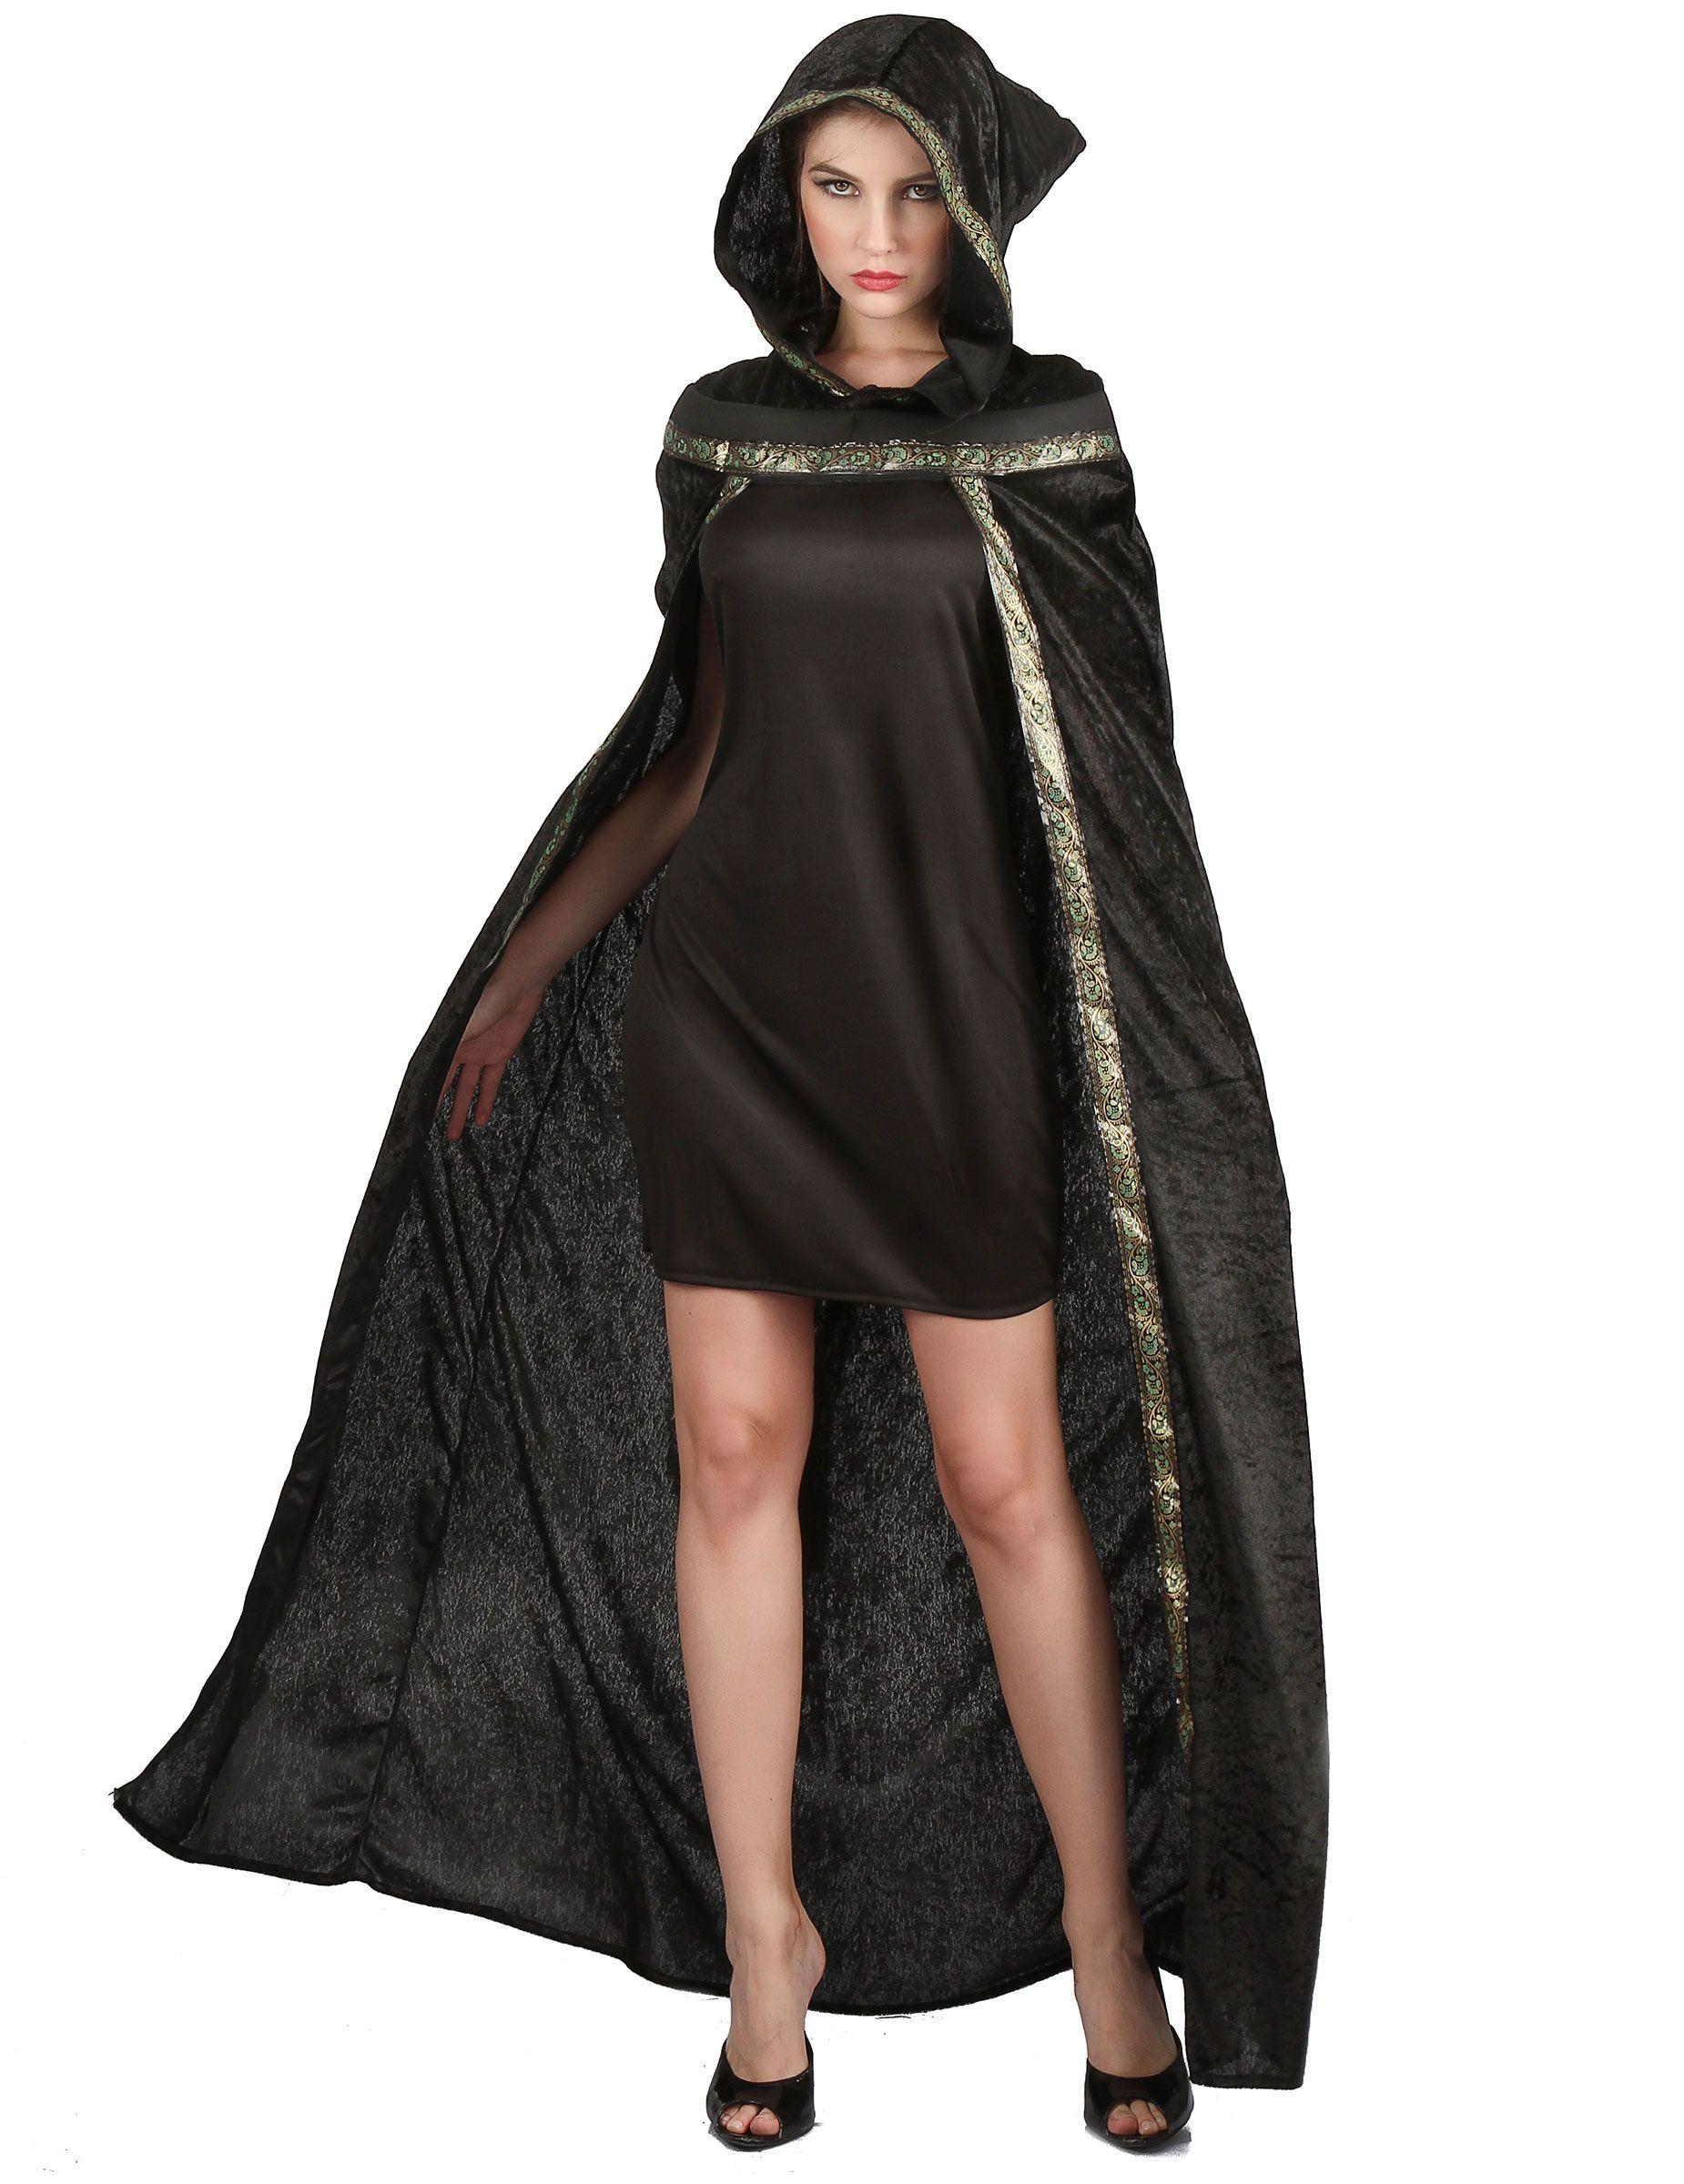 Disfraz capa de bruja larga terciopelo negro mujer Halloween  Esta capa para  adulto es de 95c058ddf54